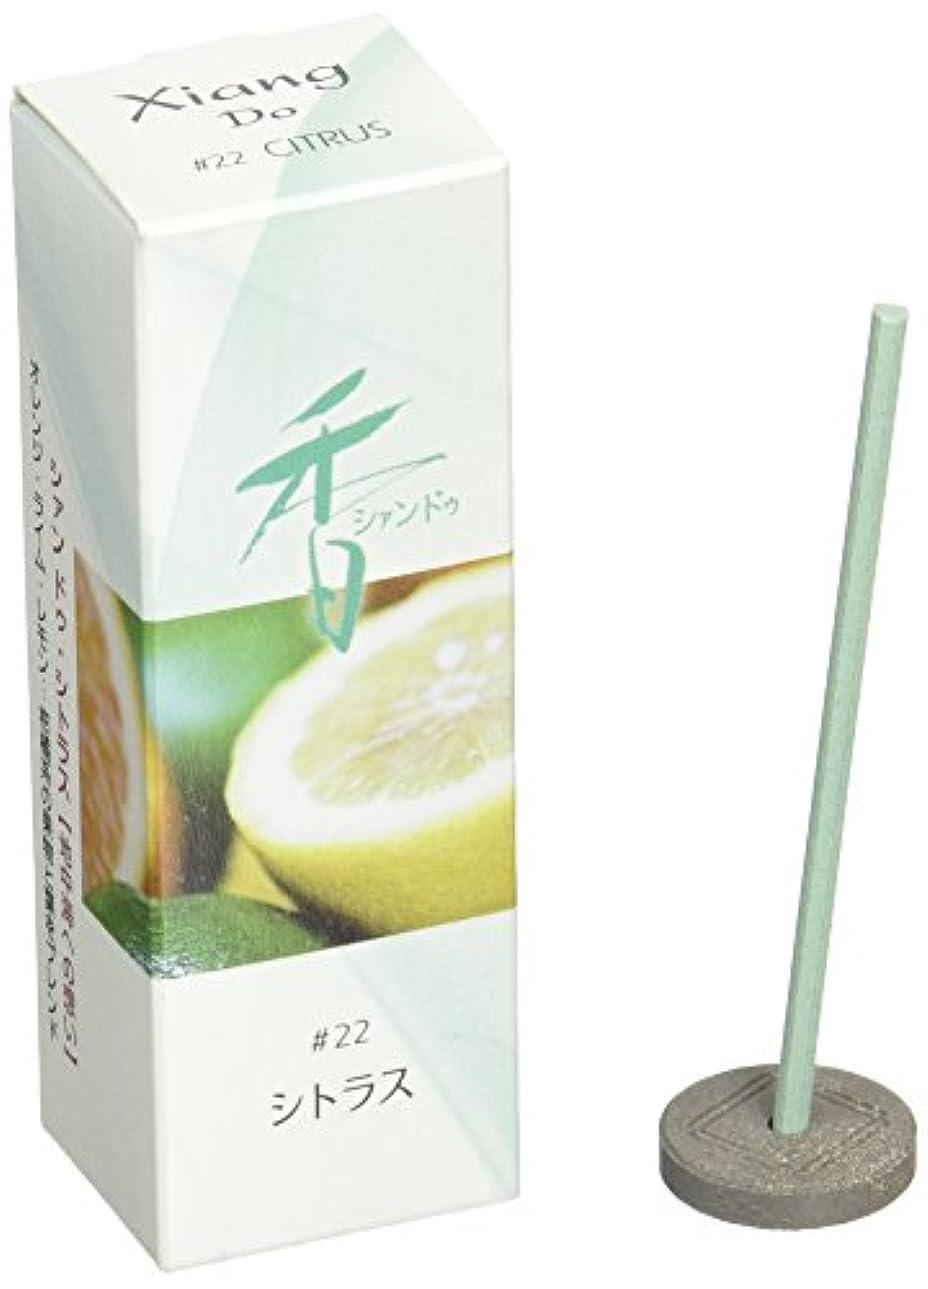 愚かそれにもかかわらず決定的松栄堂のお香 Xiang Do(シャンドゥ) シトラス ST20本入 簡易香立付 #214222